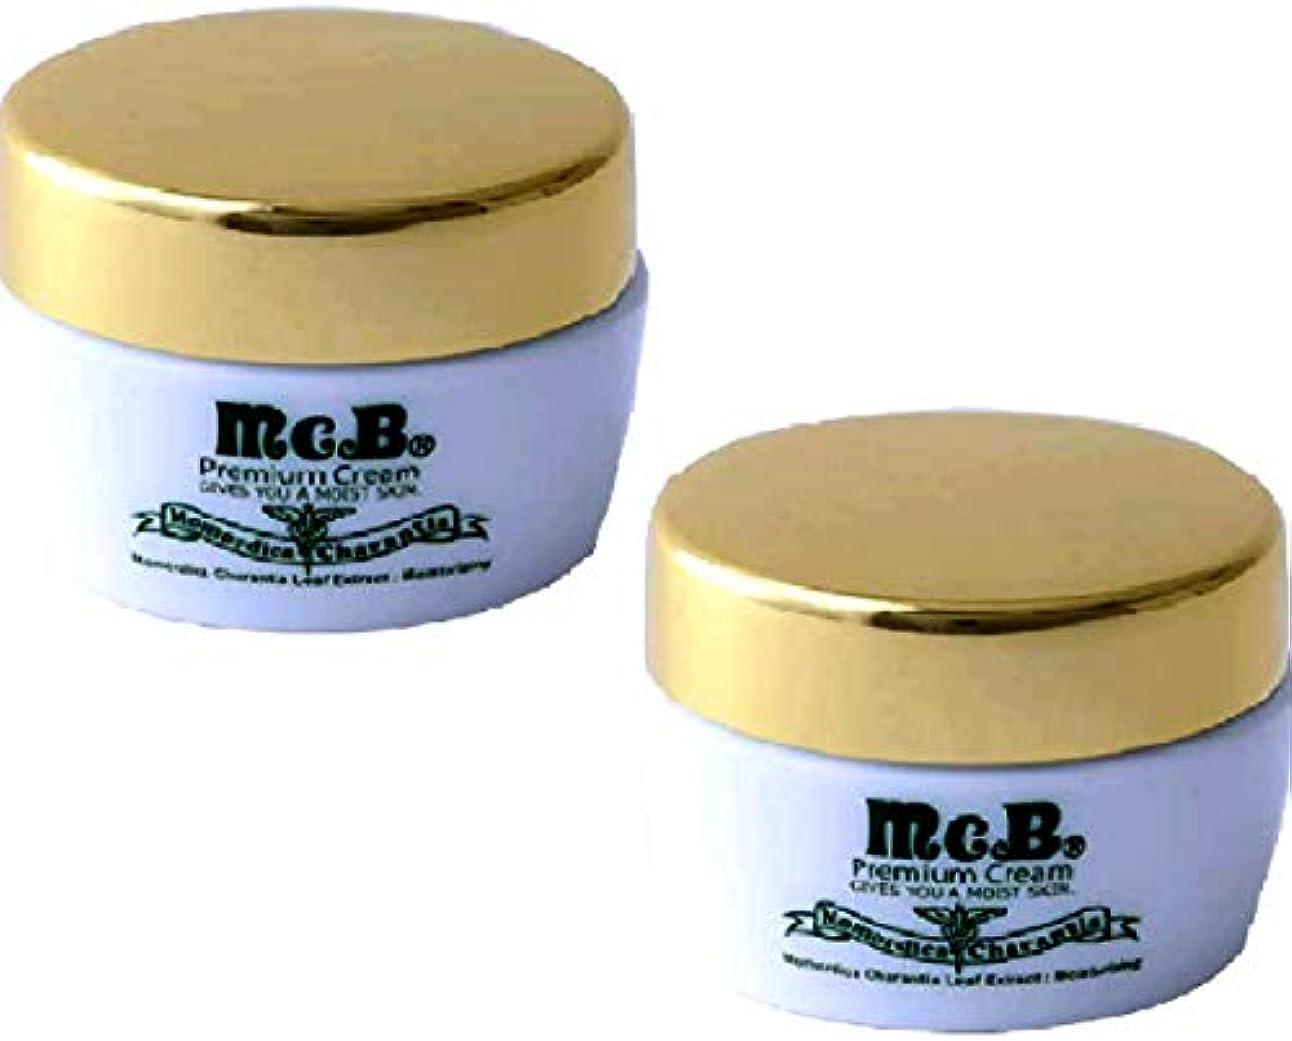 シチリア主張解釈McB マックビー プレミアム クリーム Premium Cream 2個 セット 正規代理店